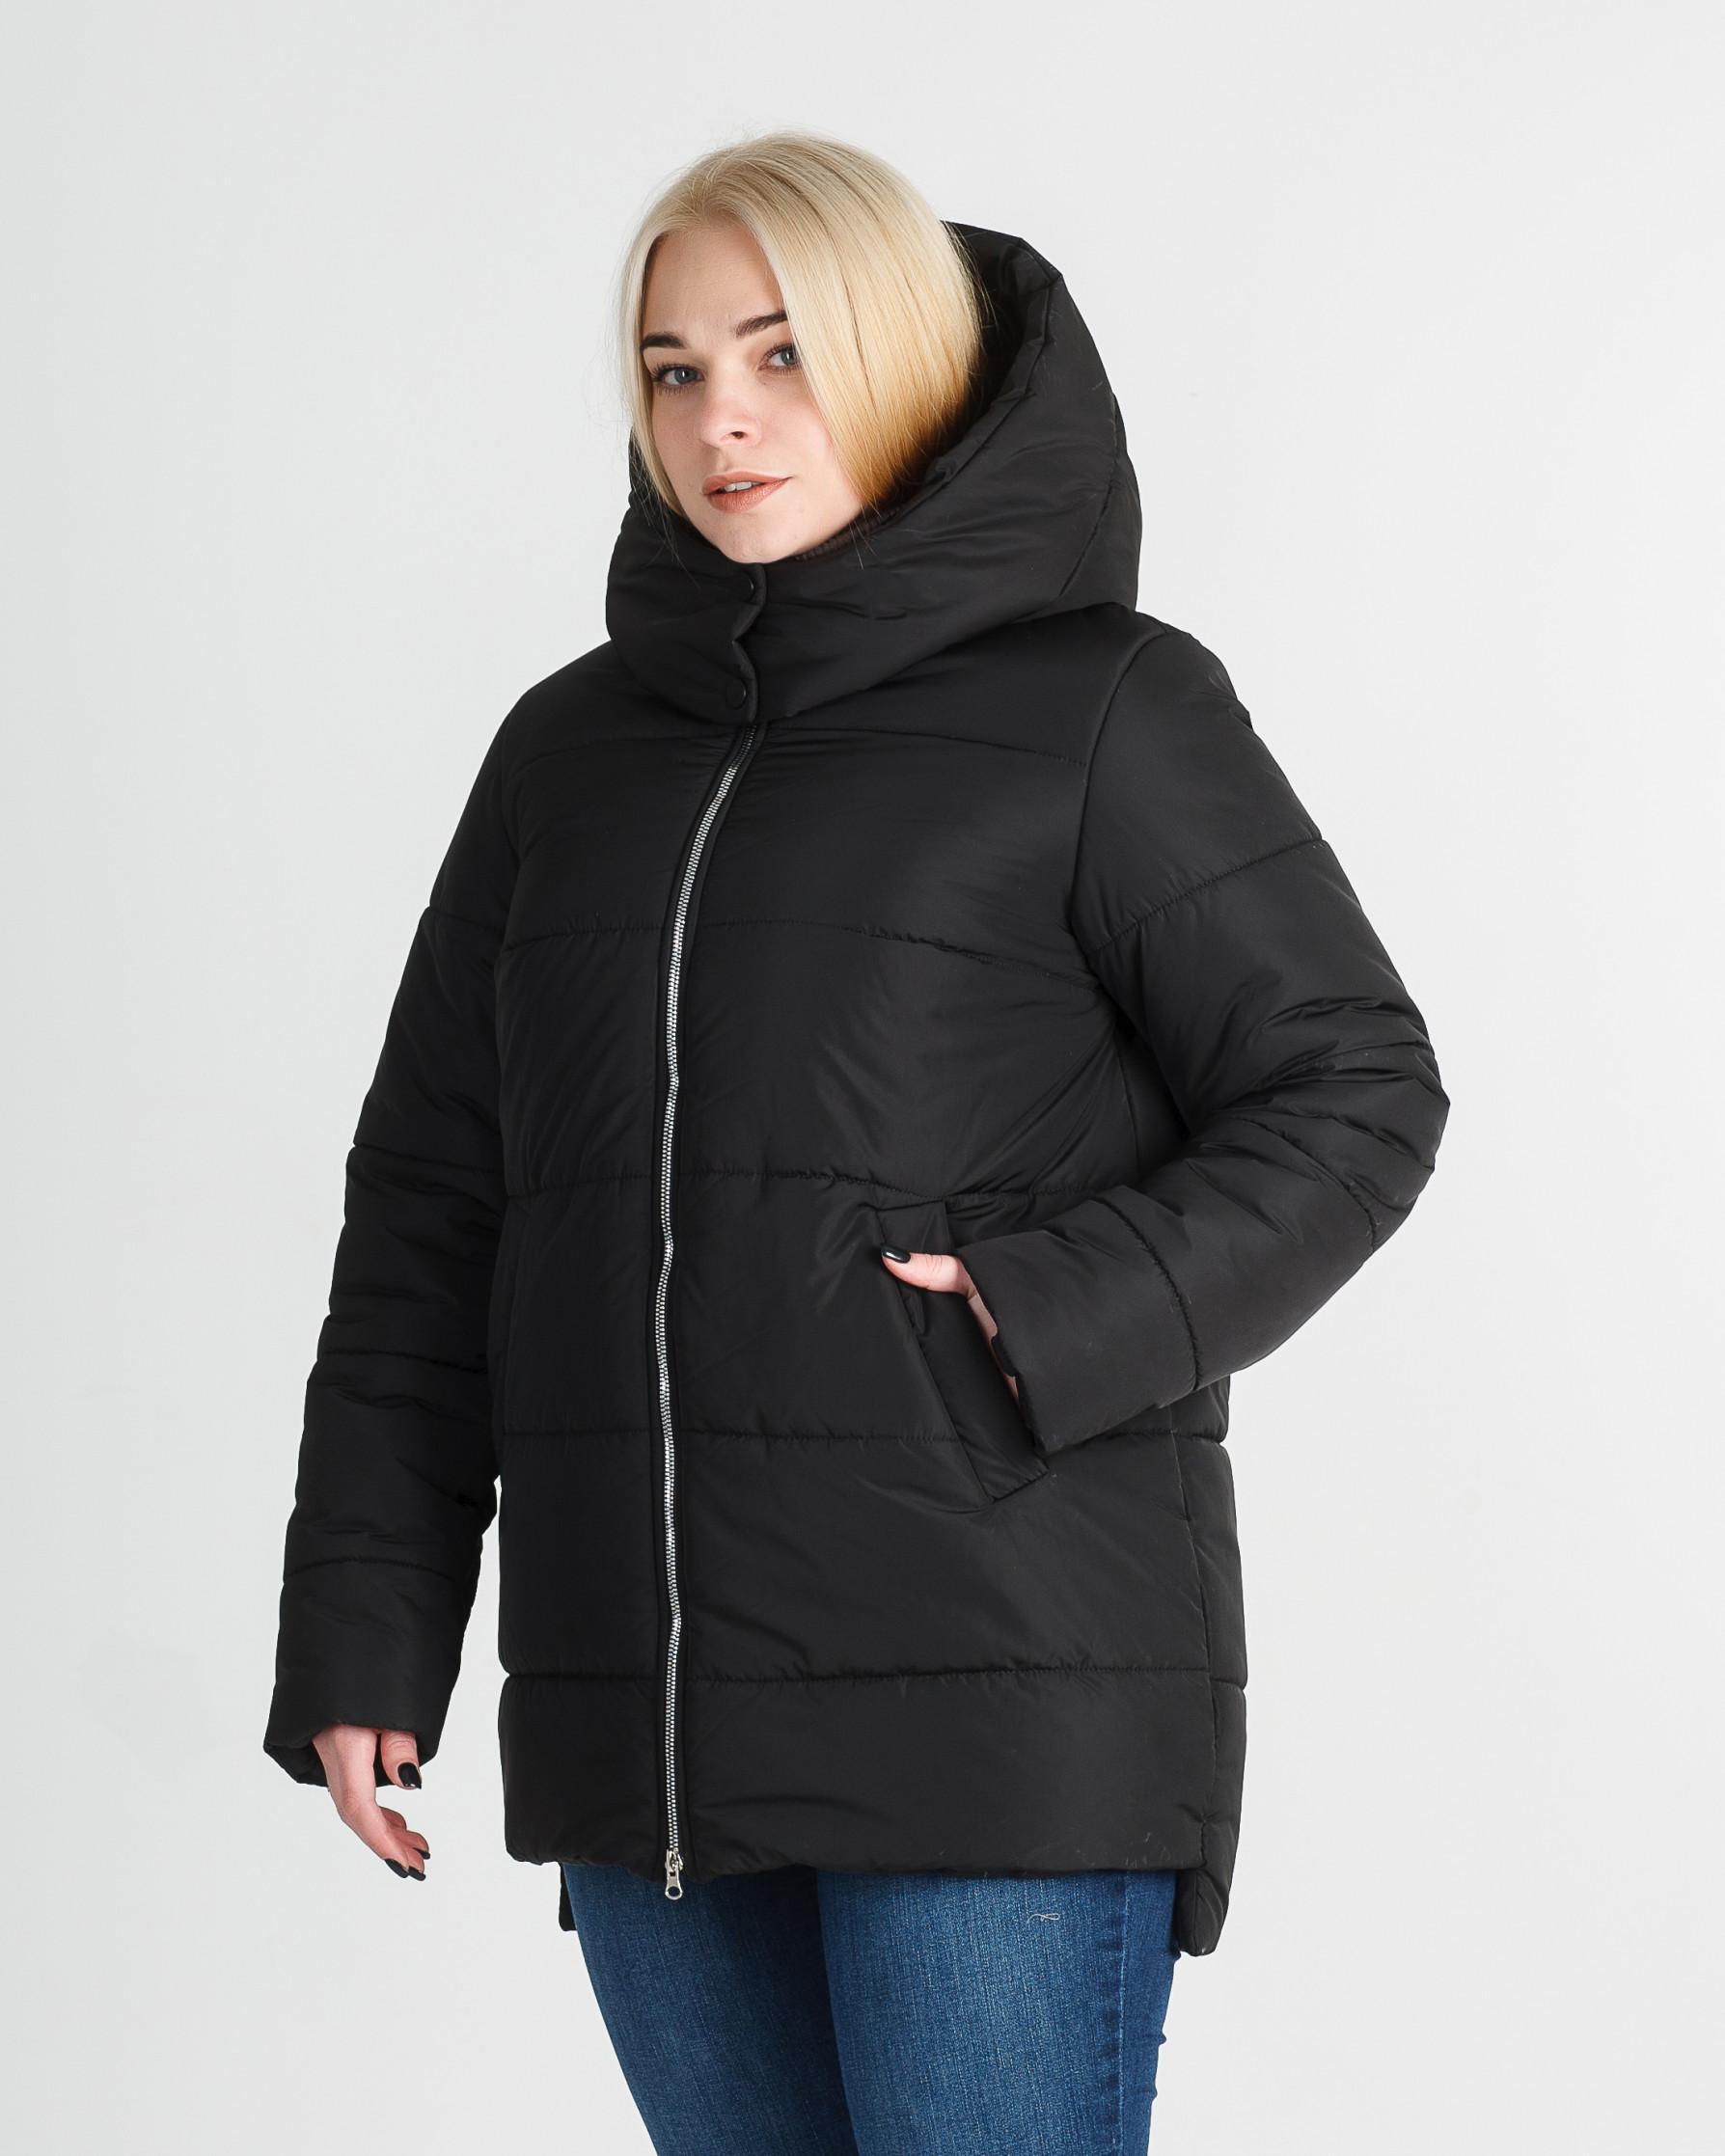 Зимняя удлинённая чёрная женская куртка Линда